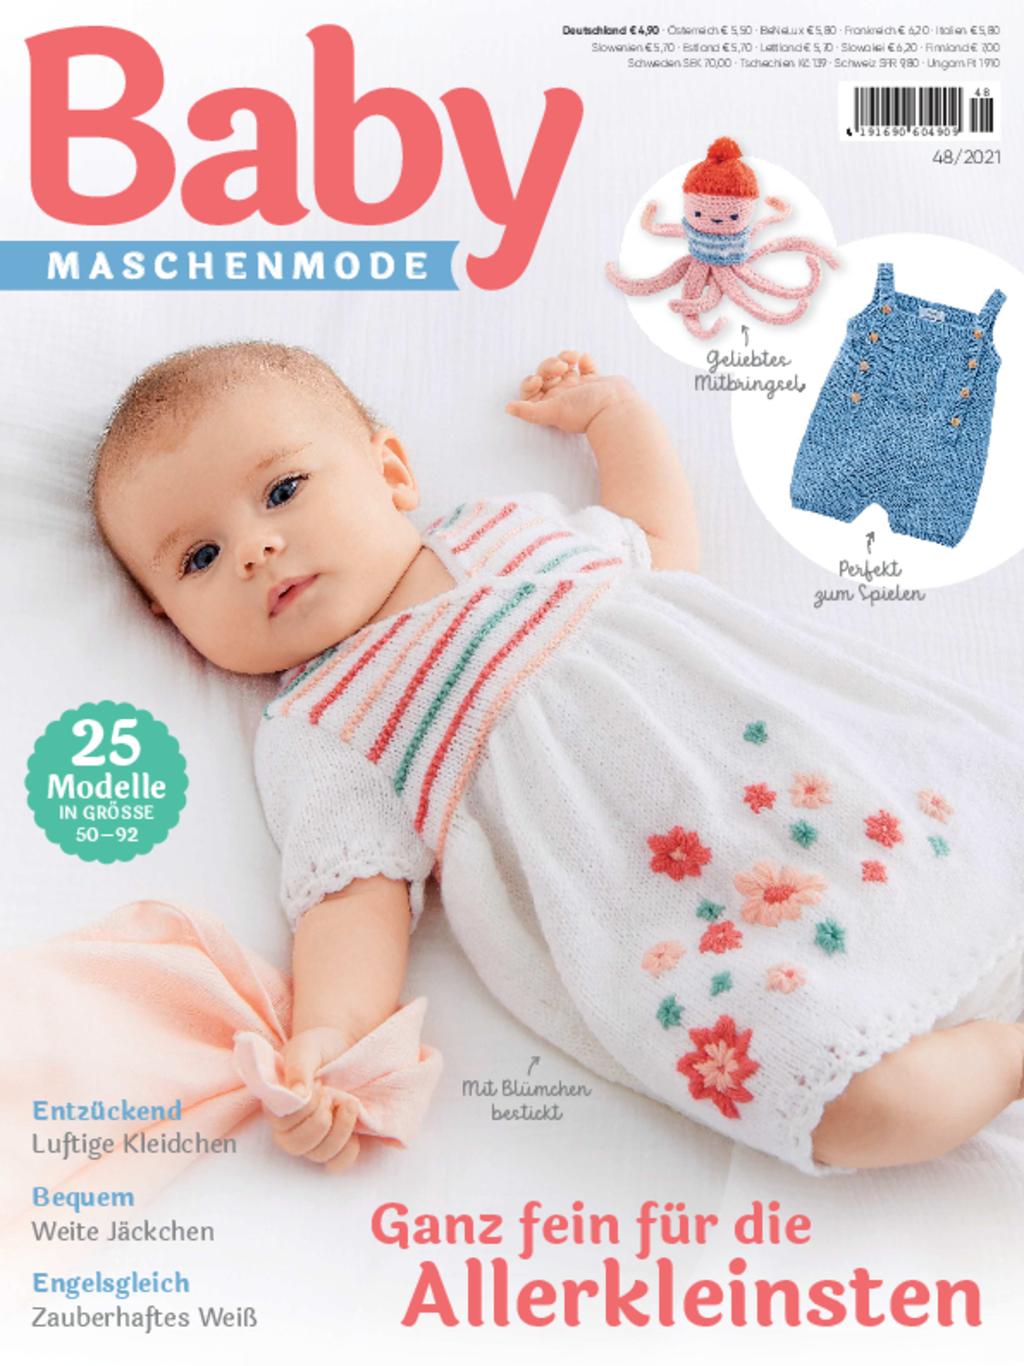 Baby Maschenmode 48/2021 - Ganz fein für die Allerkleinsten